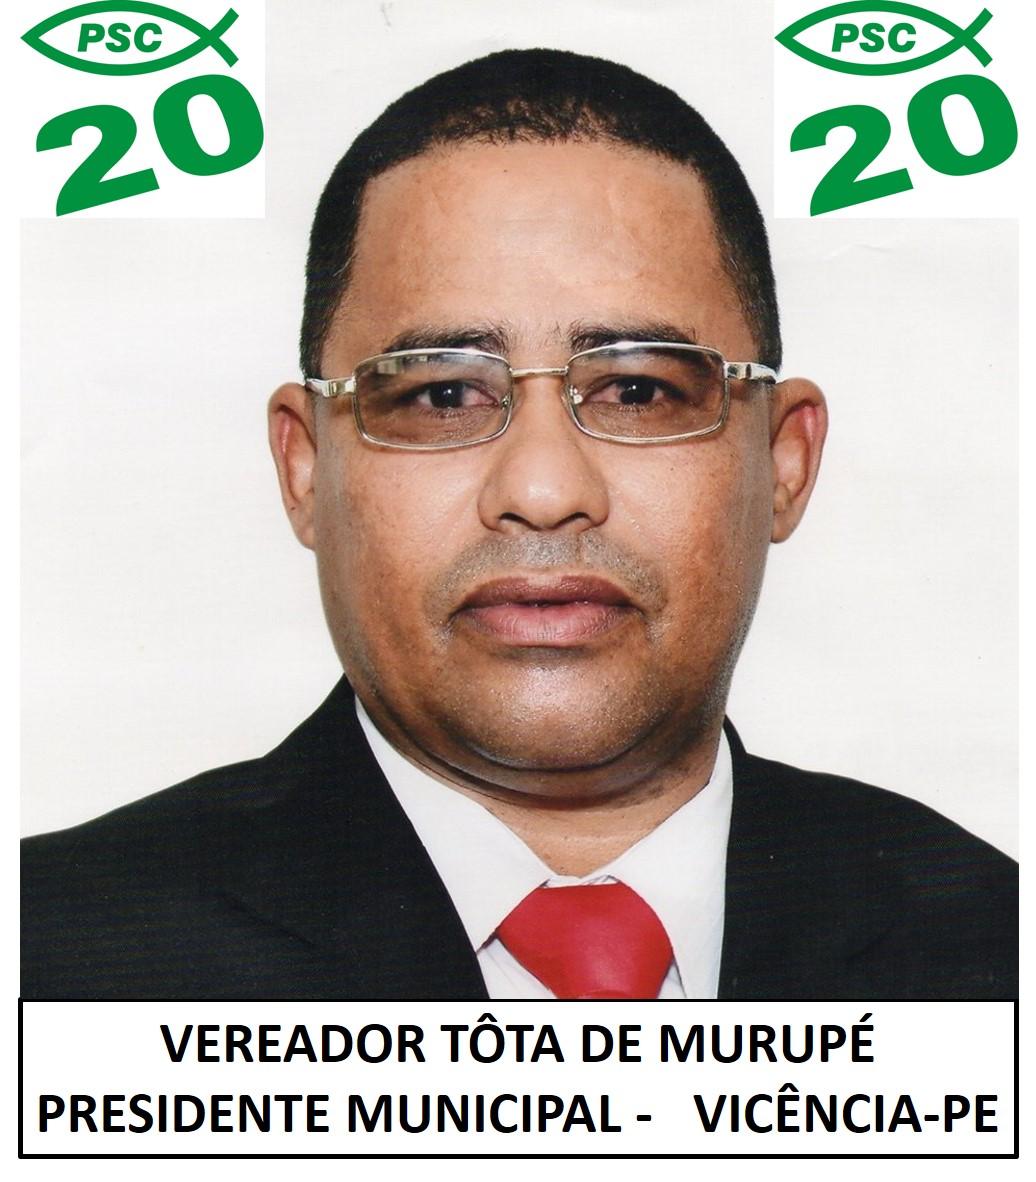 VEREADOR TÔTA DE MURUPÉ